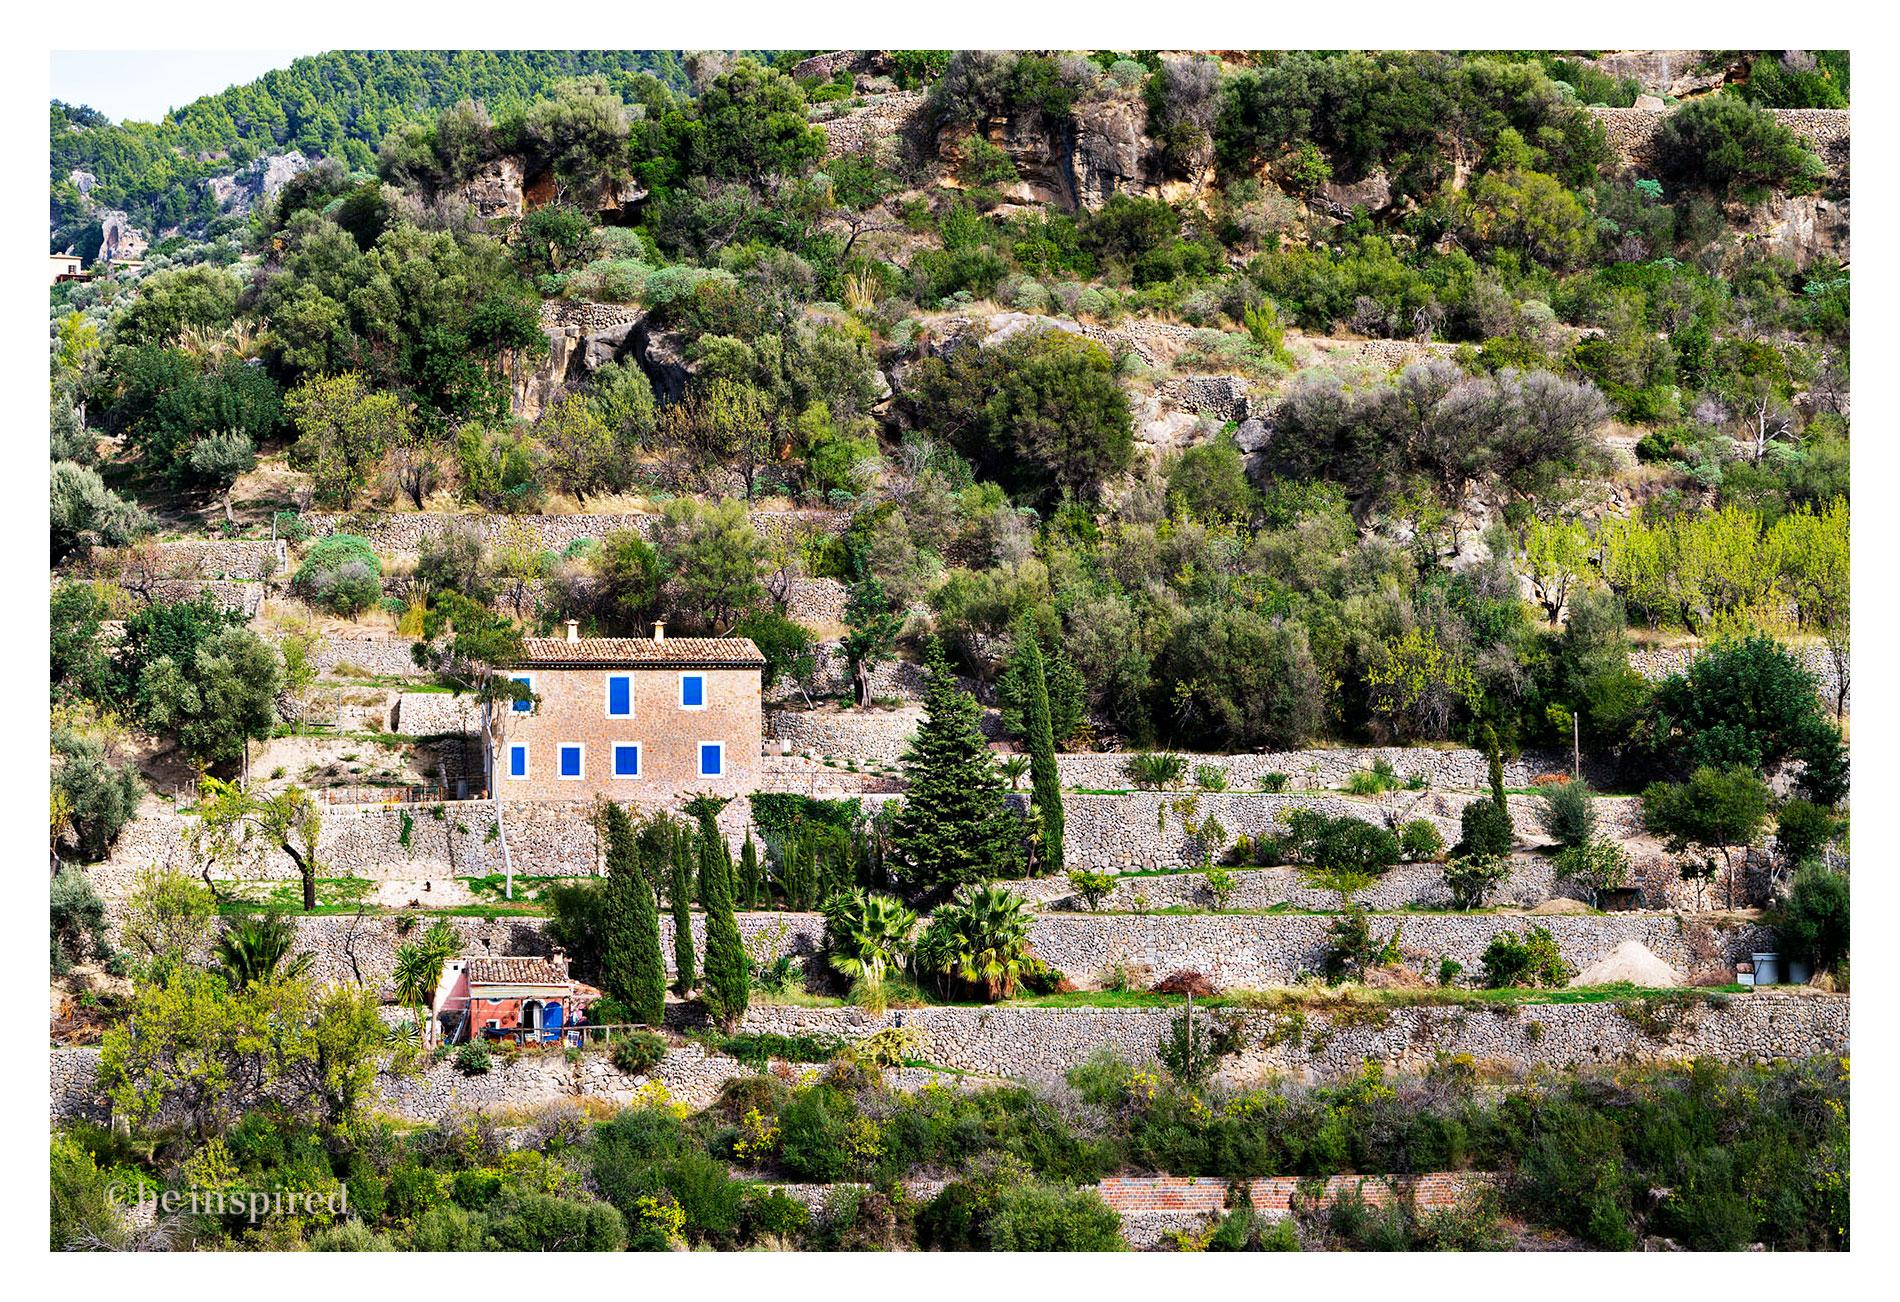 Spanien_Mallorca_Deia_Window-shades_2